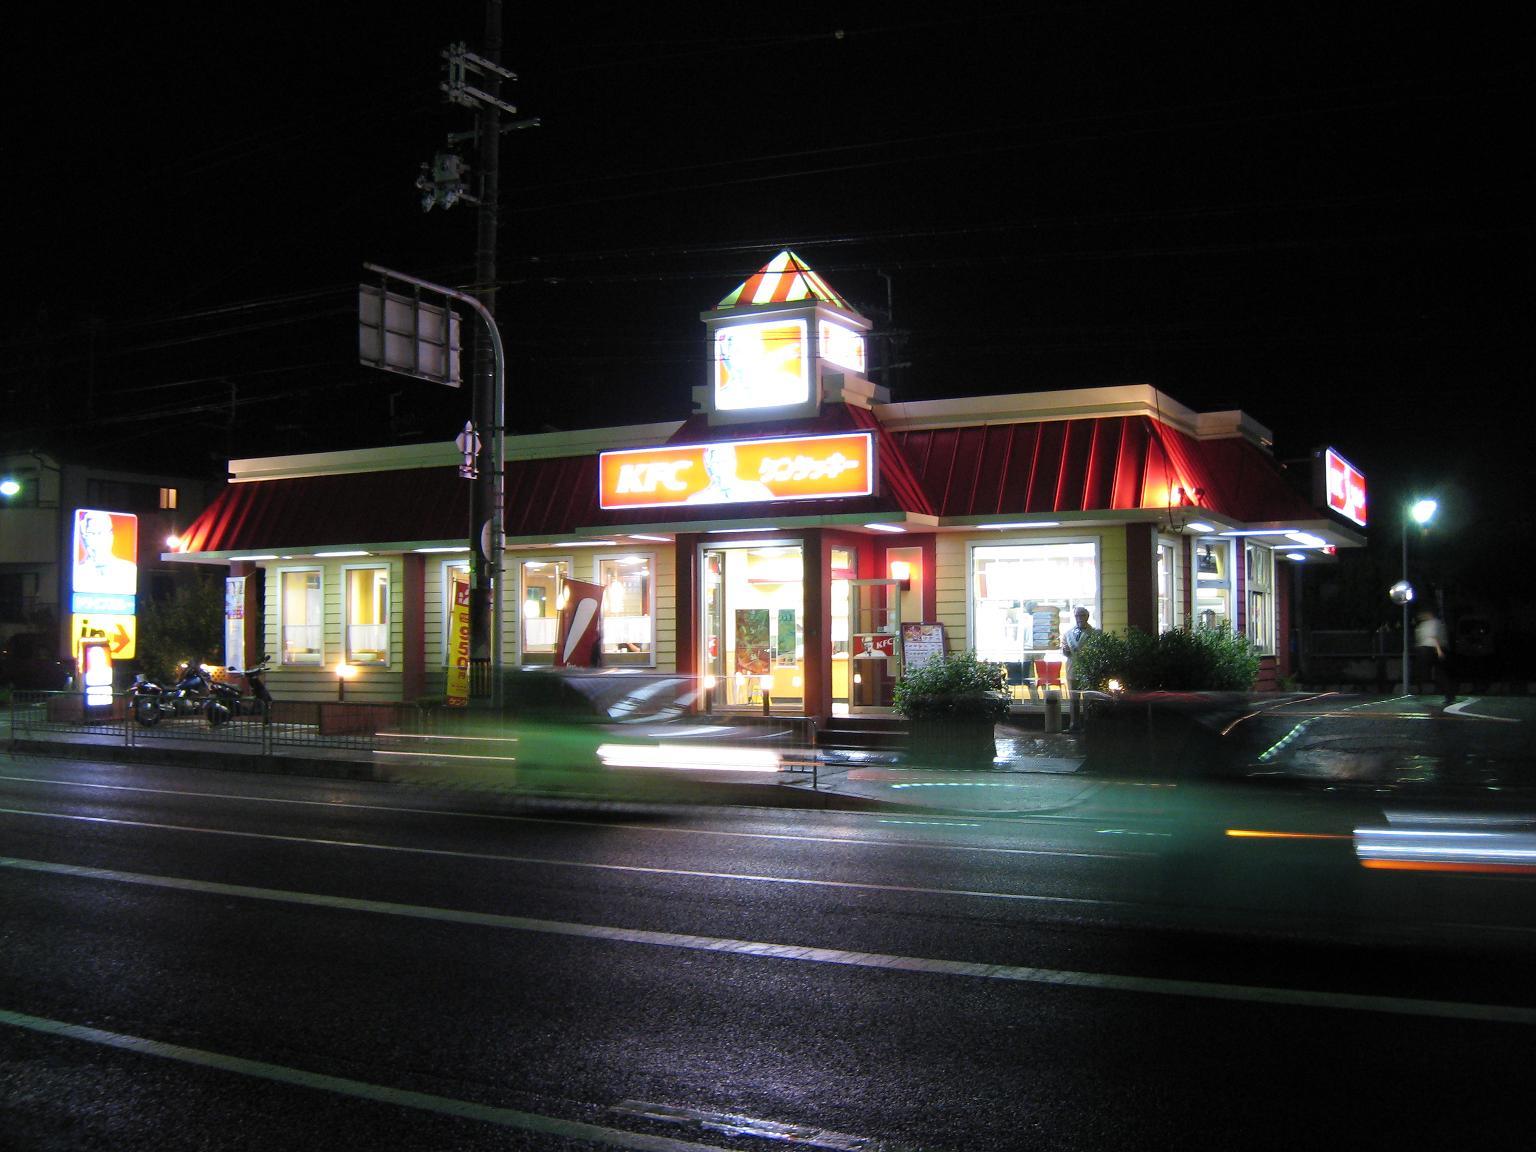 たまに行くならこんな店 日本唯一のケンタッキーフライドチキン食べ放題サービスを毎日行う常設店舗「ケンタッキーフライドチキン 小野原店」